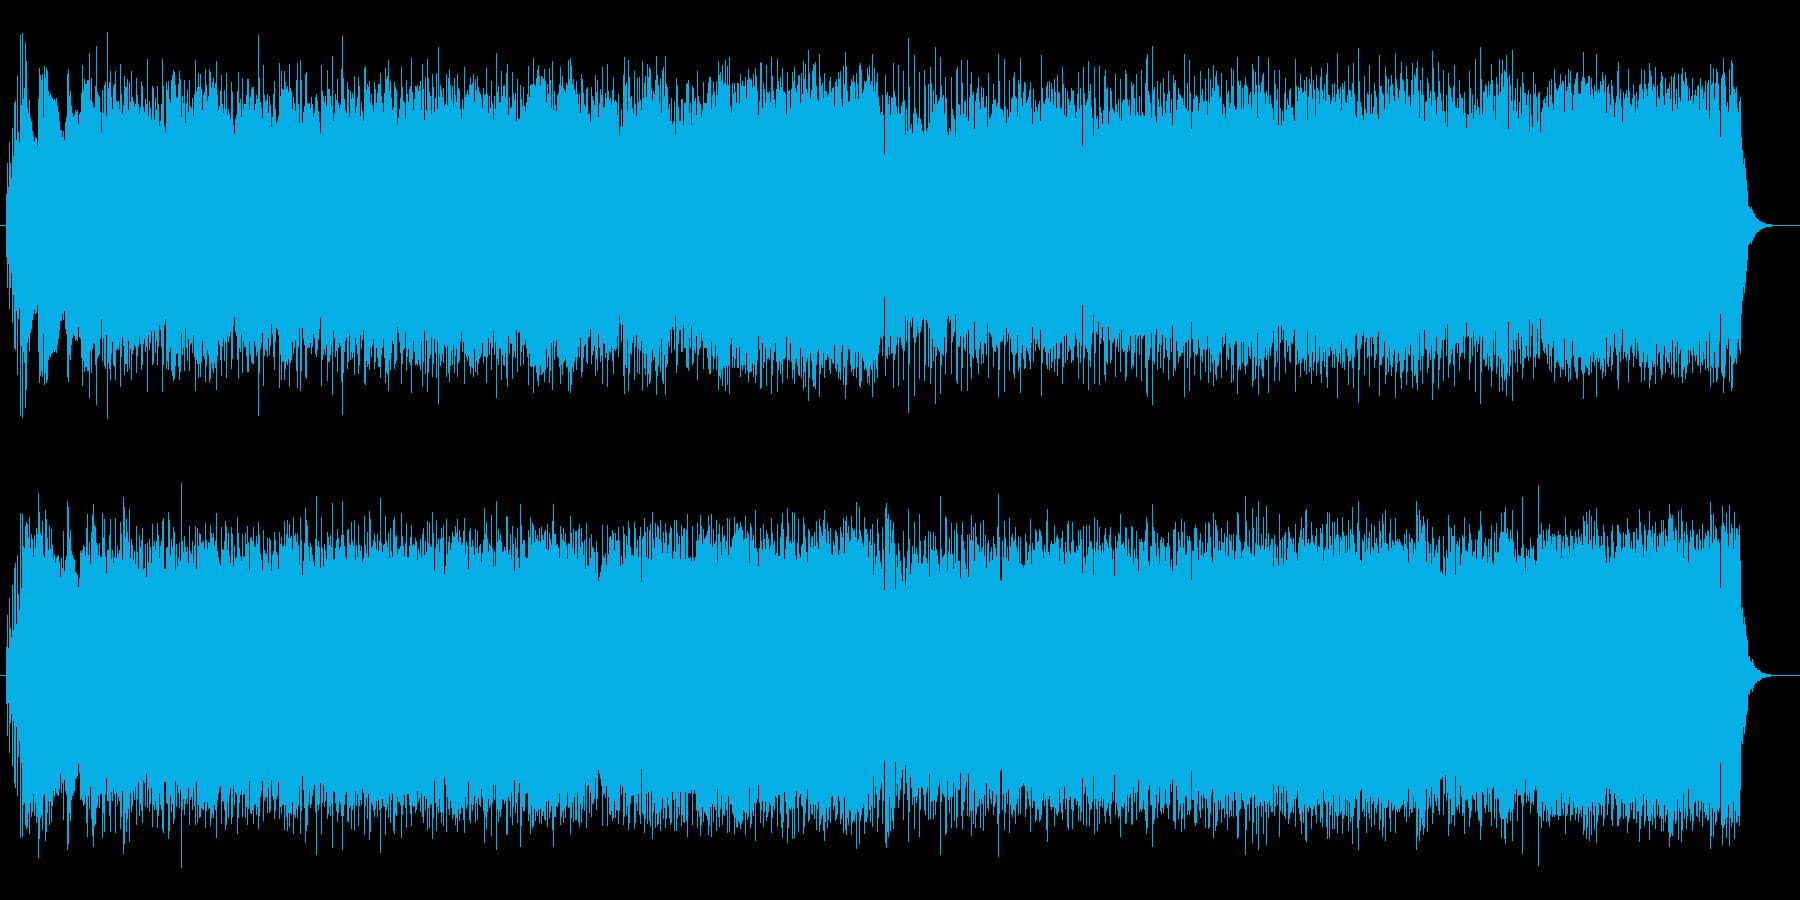 クールで軽快なシンセとエレキサウンドの再生済みの波形